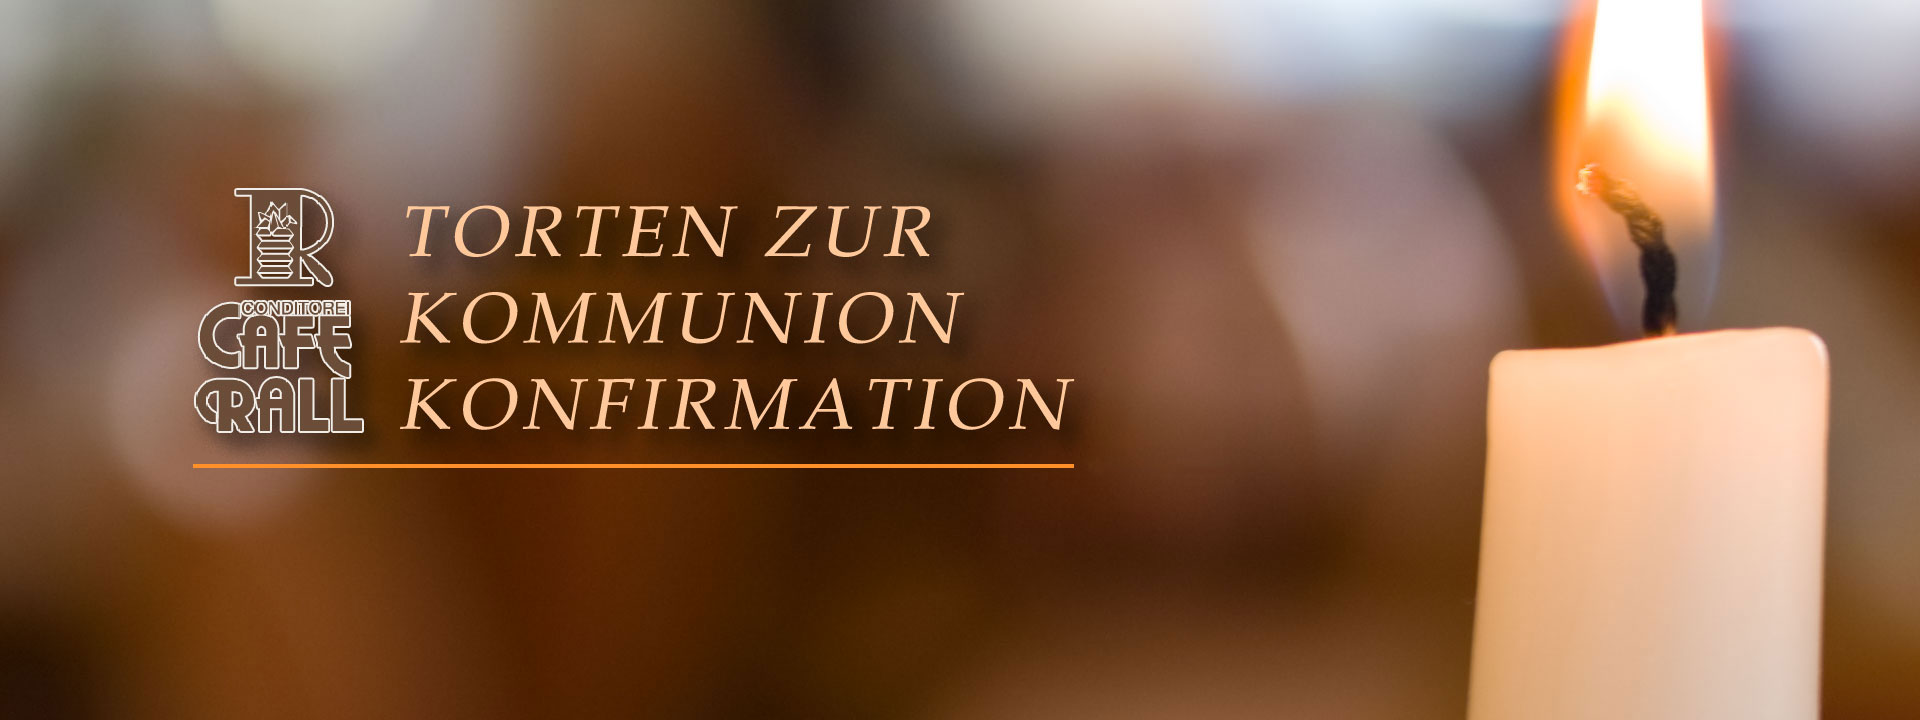 Torten zur Kommunnion und Konfirmation.